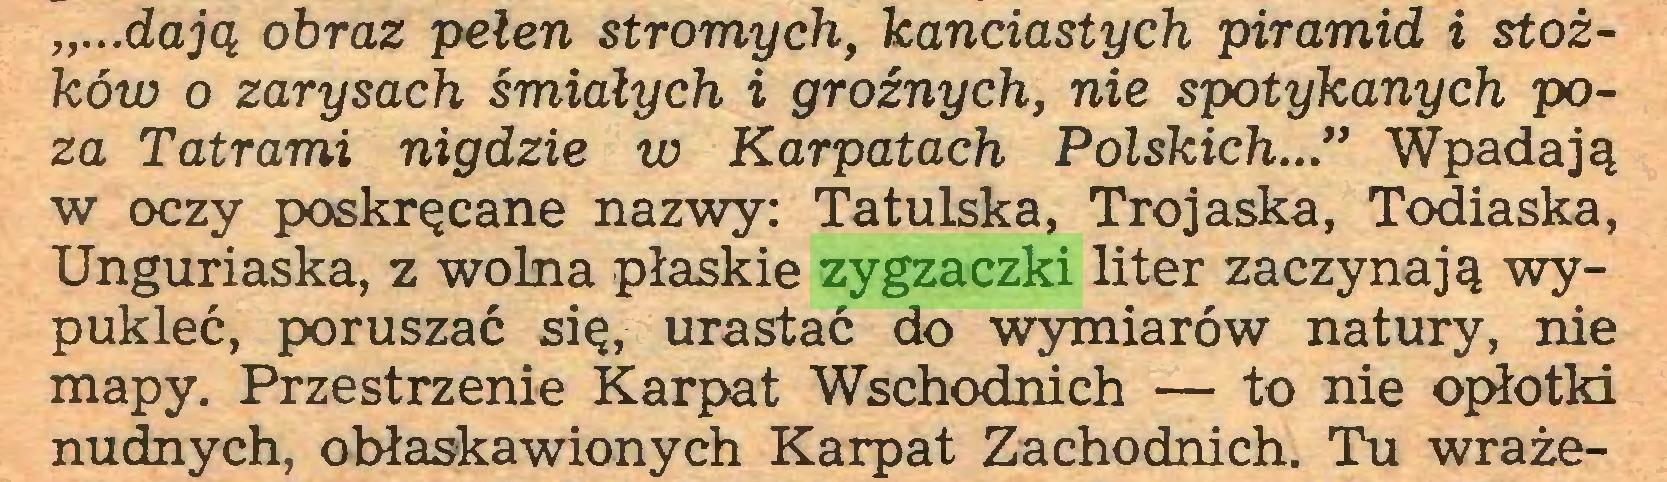 """(...) """"...dają obraz pełen stromych, kanciastych piramid i stożków o zarysach śmiałych i groźnych, nie spotykanych poza Tatrami nigdzie w Karpatach Polskich..."""" Wpadają w oczy poskręcane nazwy: Tatulska, Trojaska, Todiaska, Unguriaska, z wolna płaskie zygzaczki liter zaczynają wypukleć, poruszać się, urastać do wymiarów natury, nie mapy. Przestrzenie Karpat Wschodnich — to nie opłotki nudnych, obłaskawionych Karpat Zachodnich. Tu wraże..."""